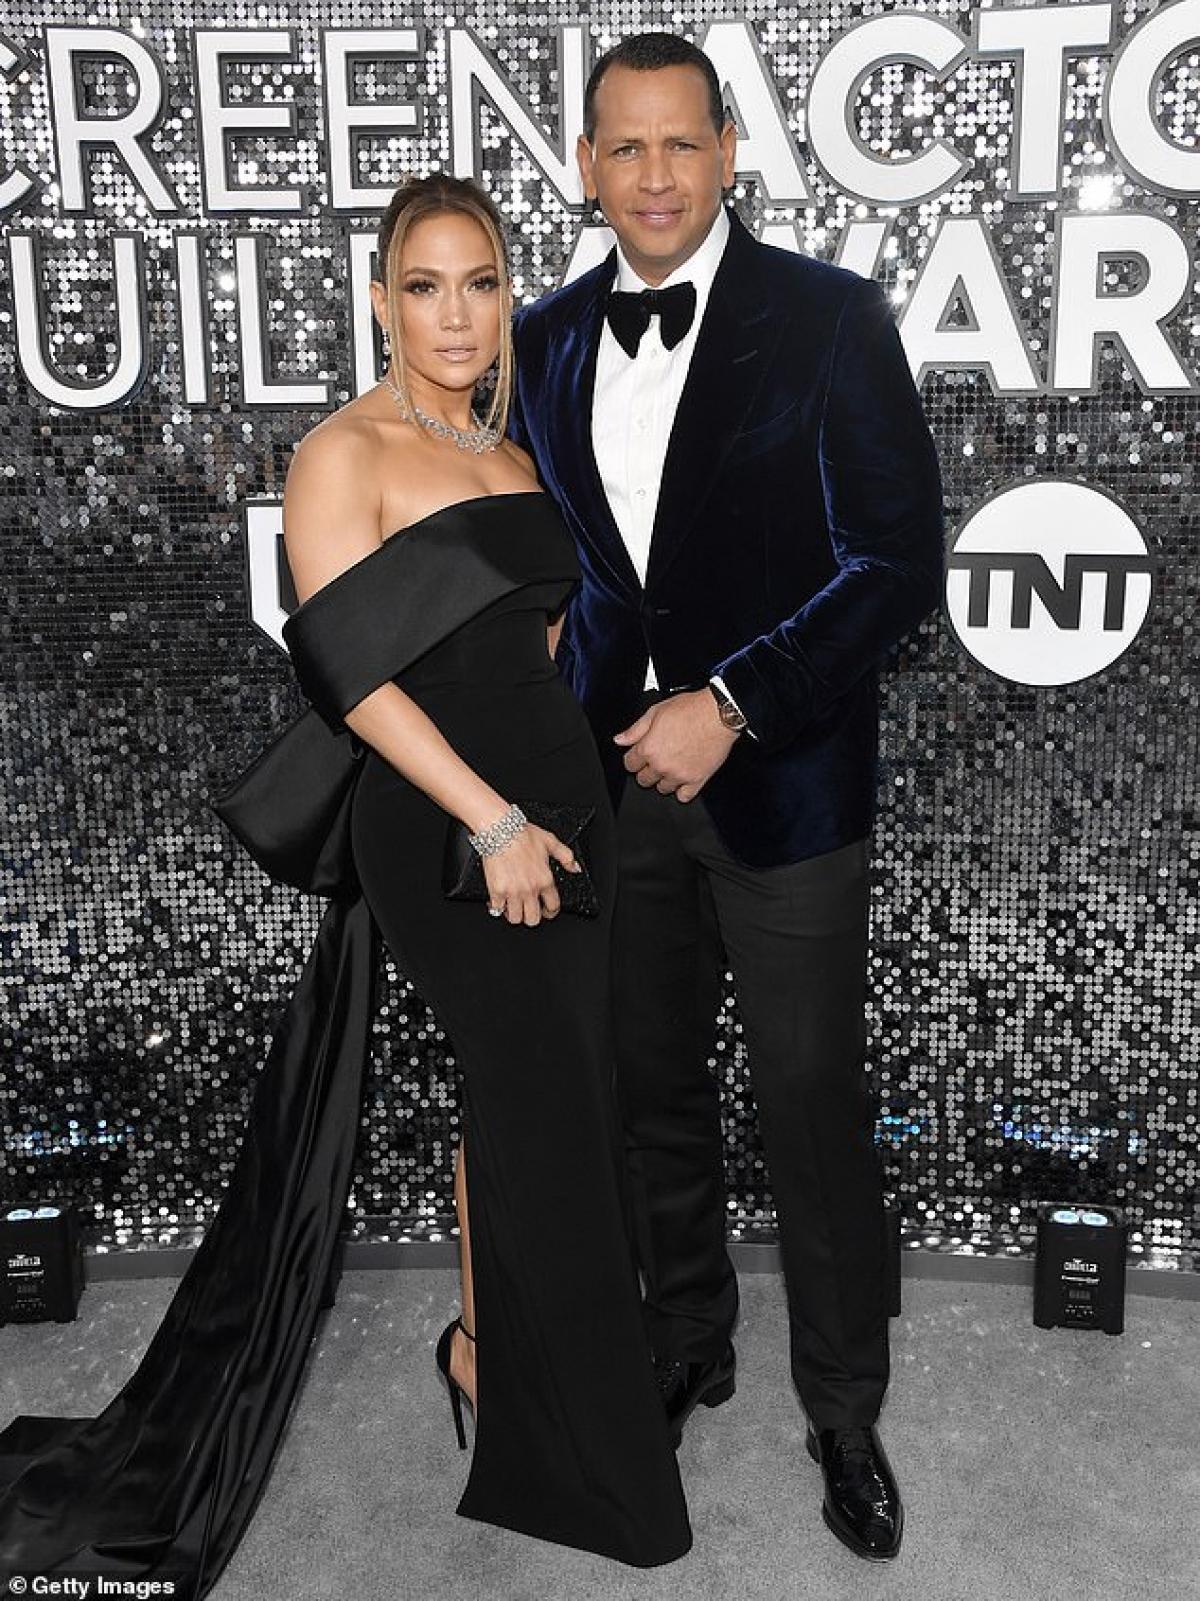 Cuộc chia tay của anh và Jennifer Lopez sau 4 năm hẹn hò khiến nhiều người tiếc nuối.